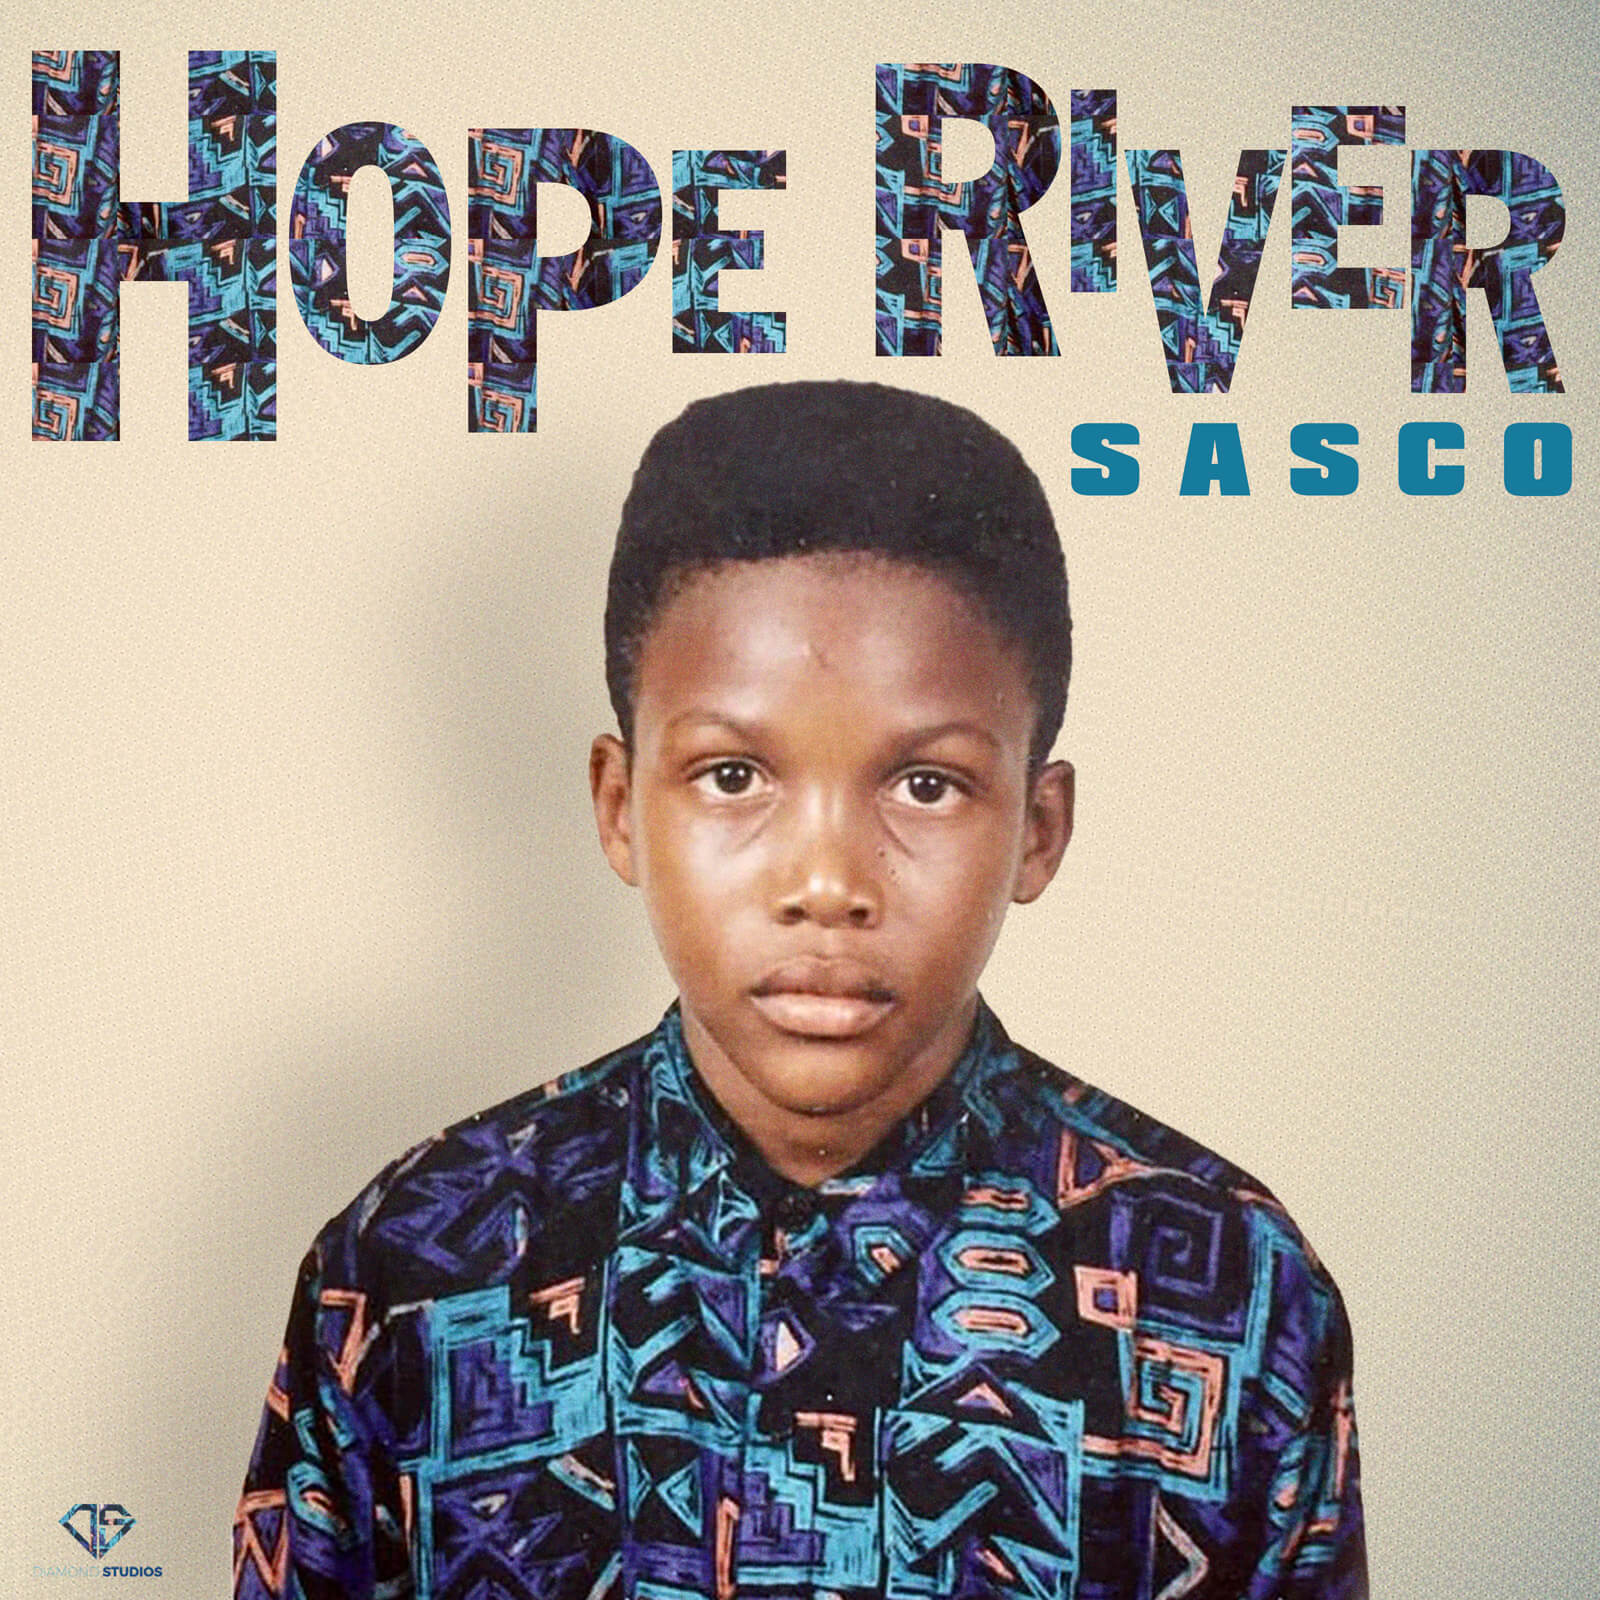 Sasco veröffentlicht das wichtigste Album seiner Karriere